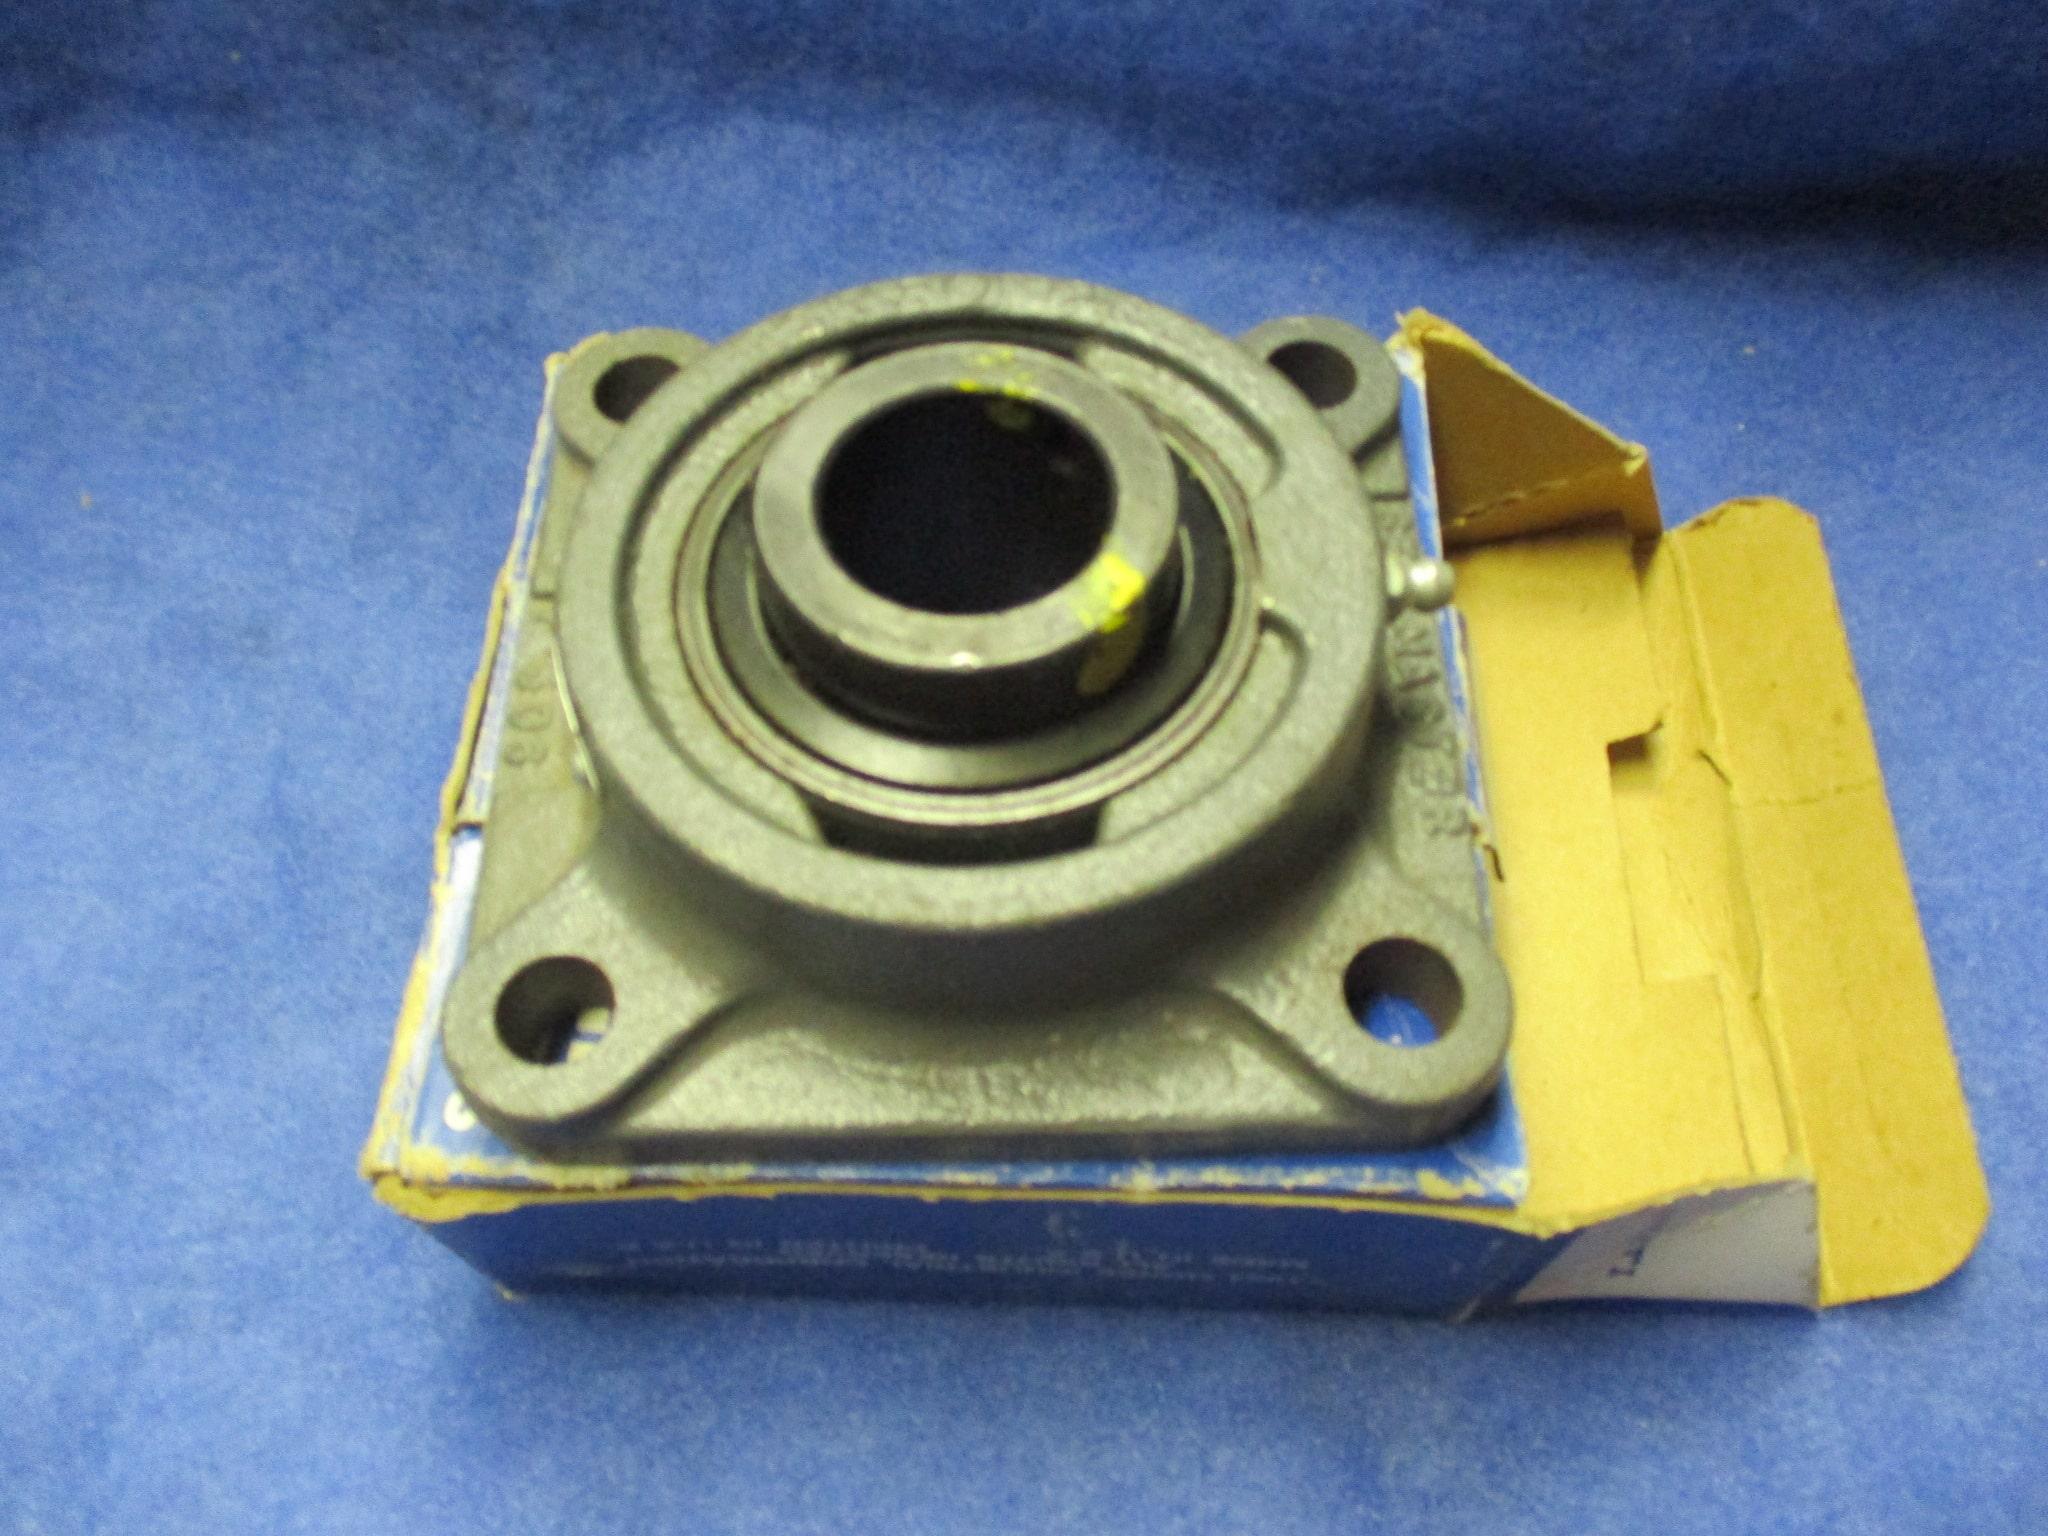 NIB Amtrol Bearing Assembly Pump 7307-0005 seal 1.62 1 Year Warranty